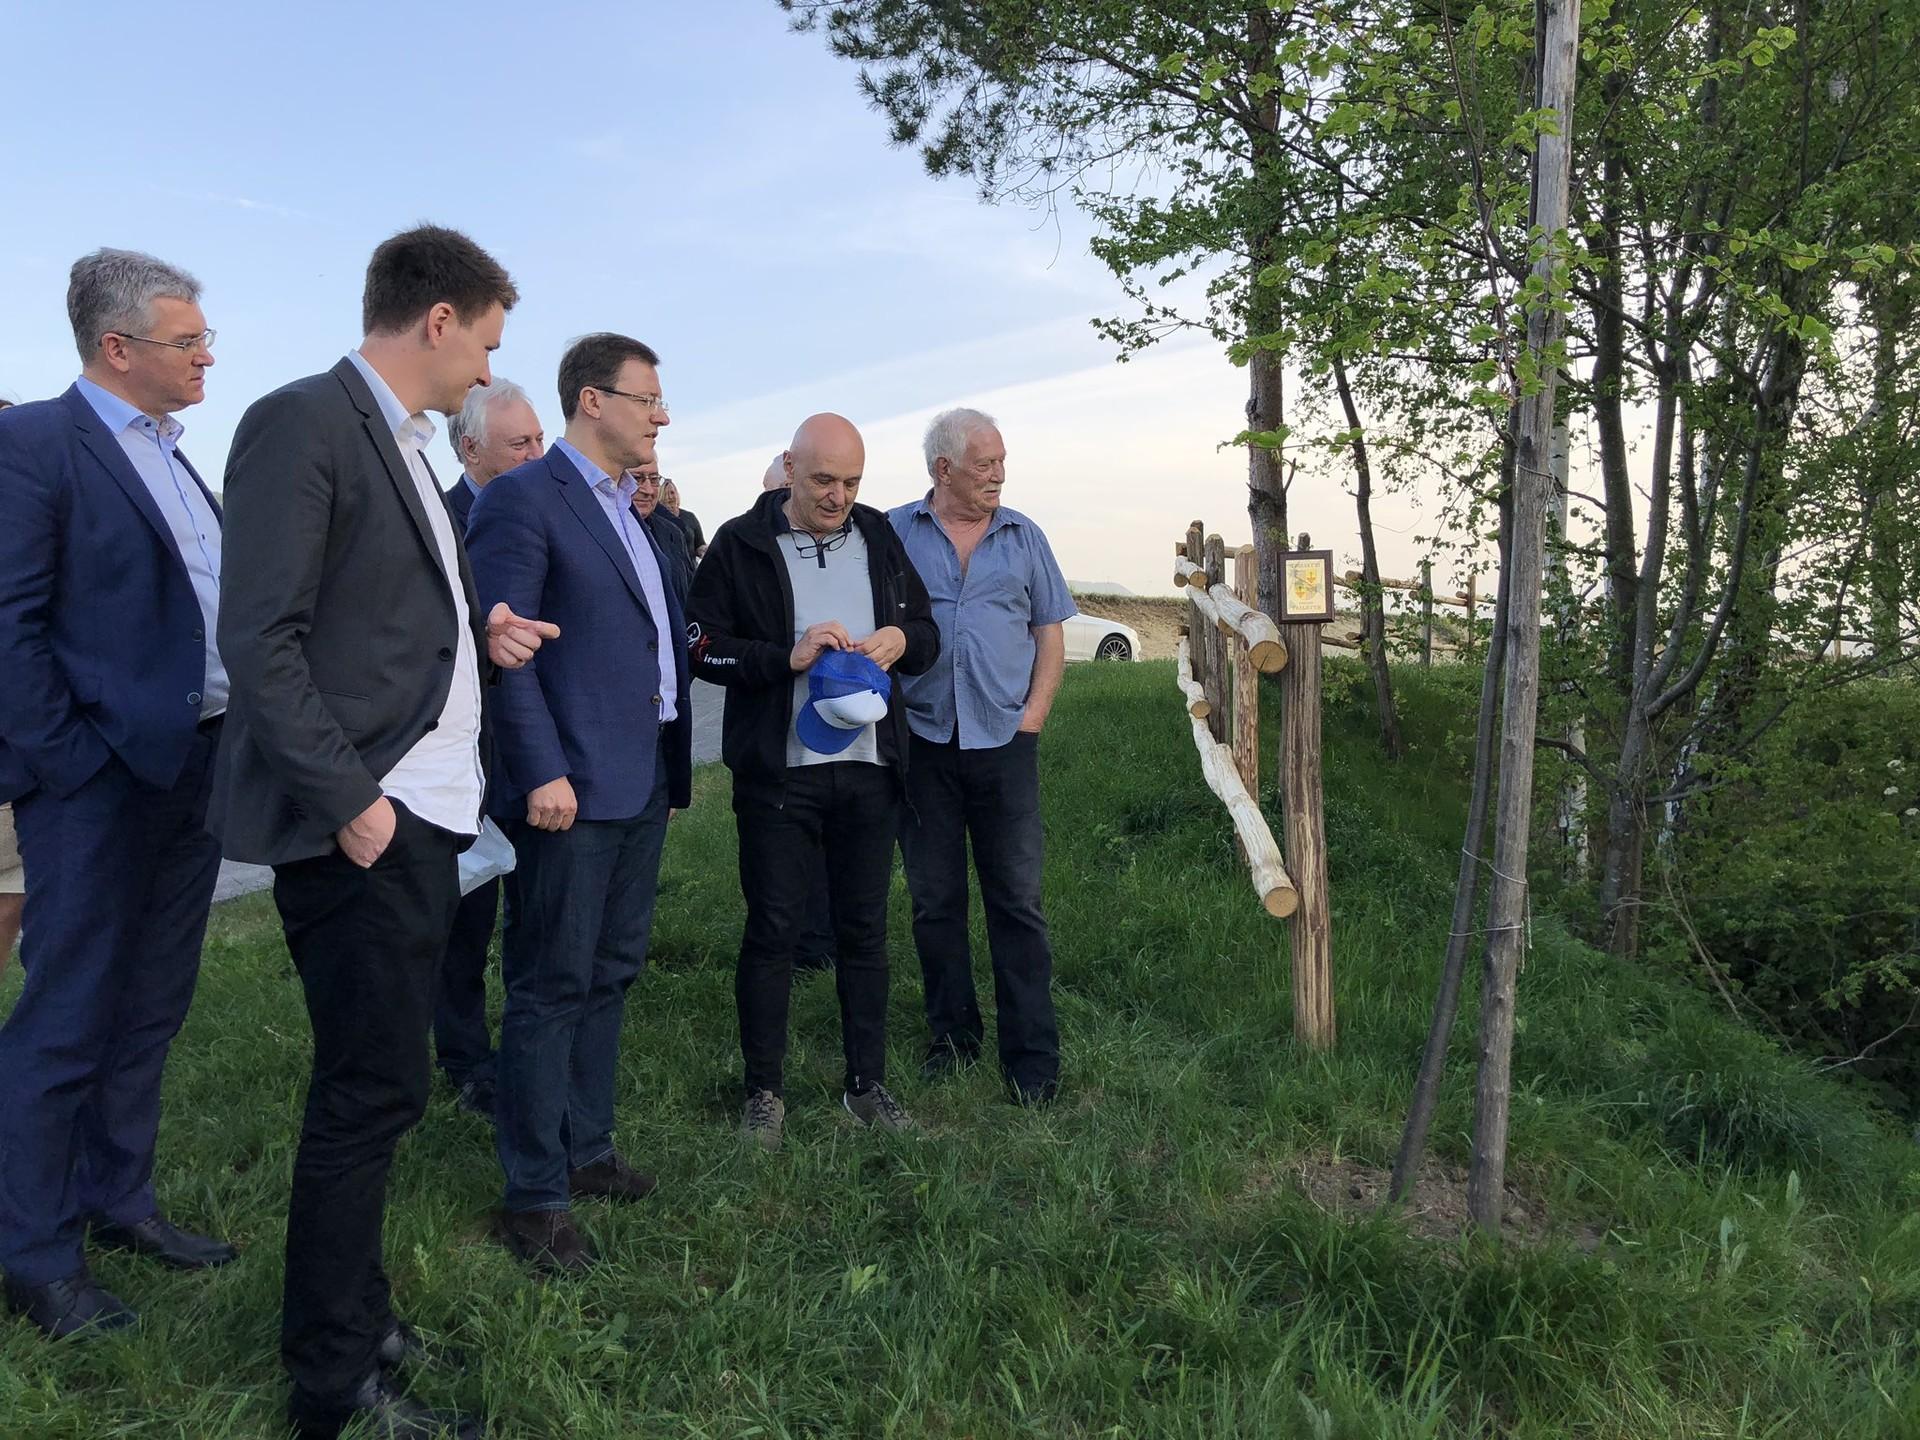 Drevo prijateljstva v Gabrju in obisk guvernerja Samarske regije, april 2019